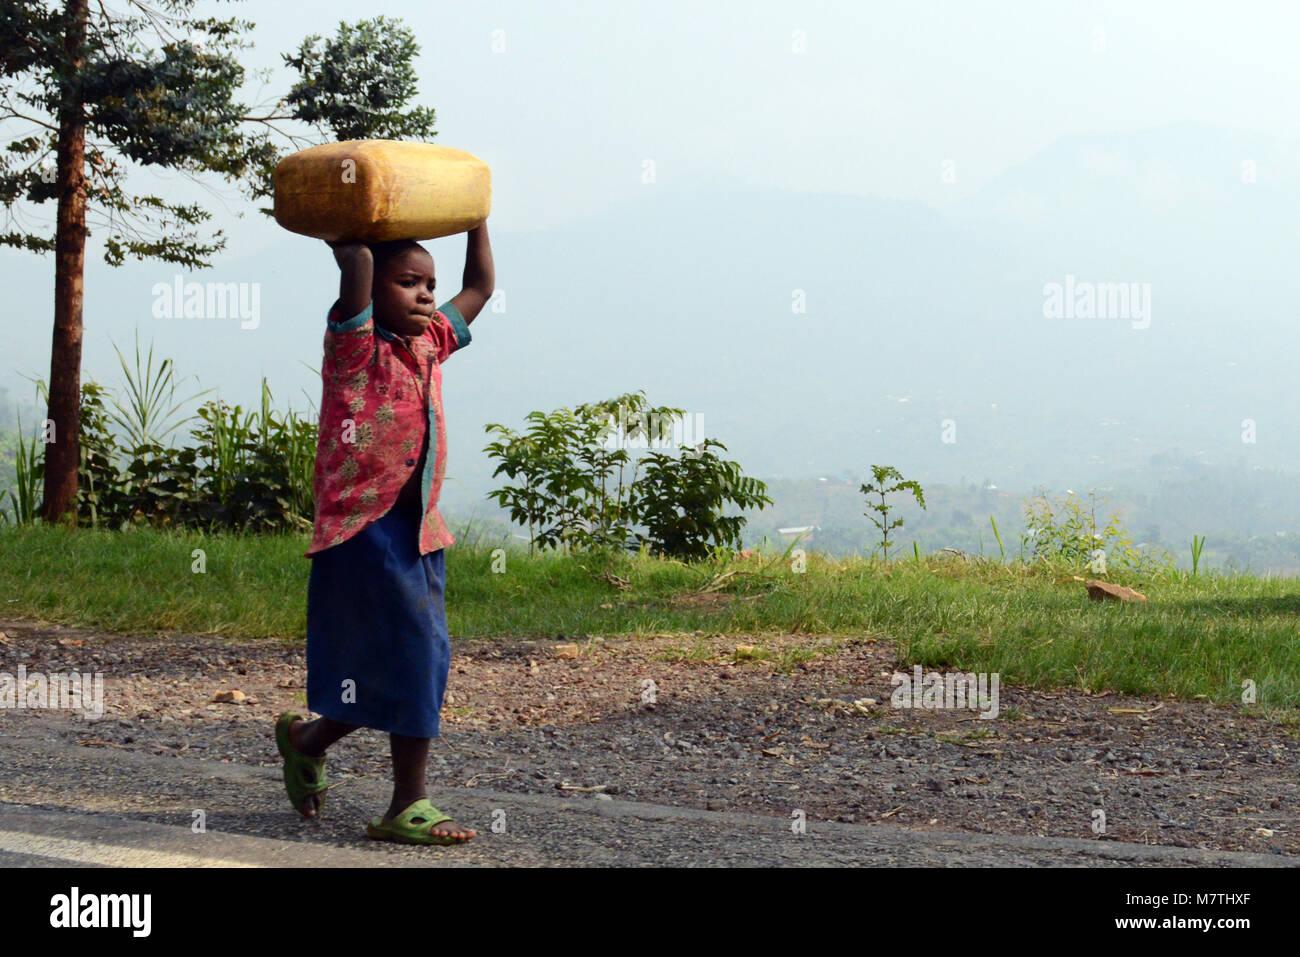 Une jeune fille portant un bidon d'eau sur sa tête. Photo Stock